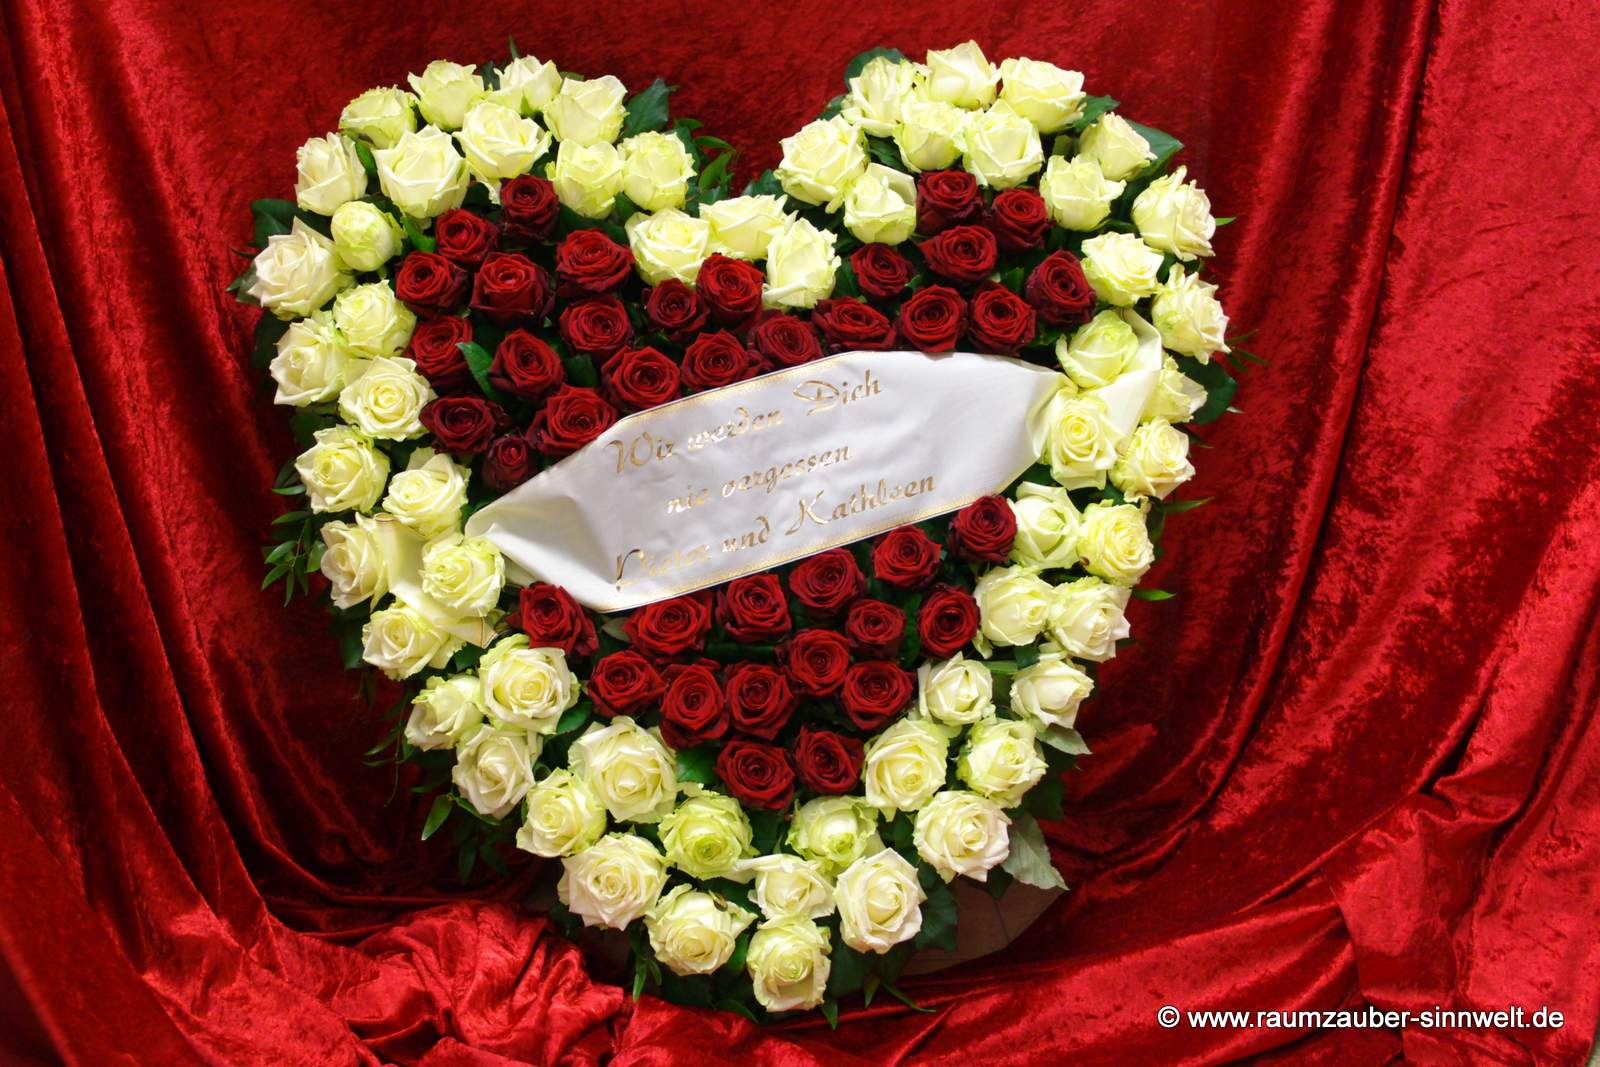 Trauerherz mit roten und weißen Rosen